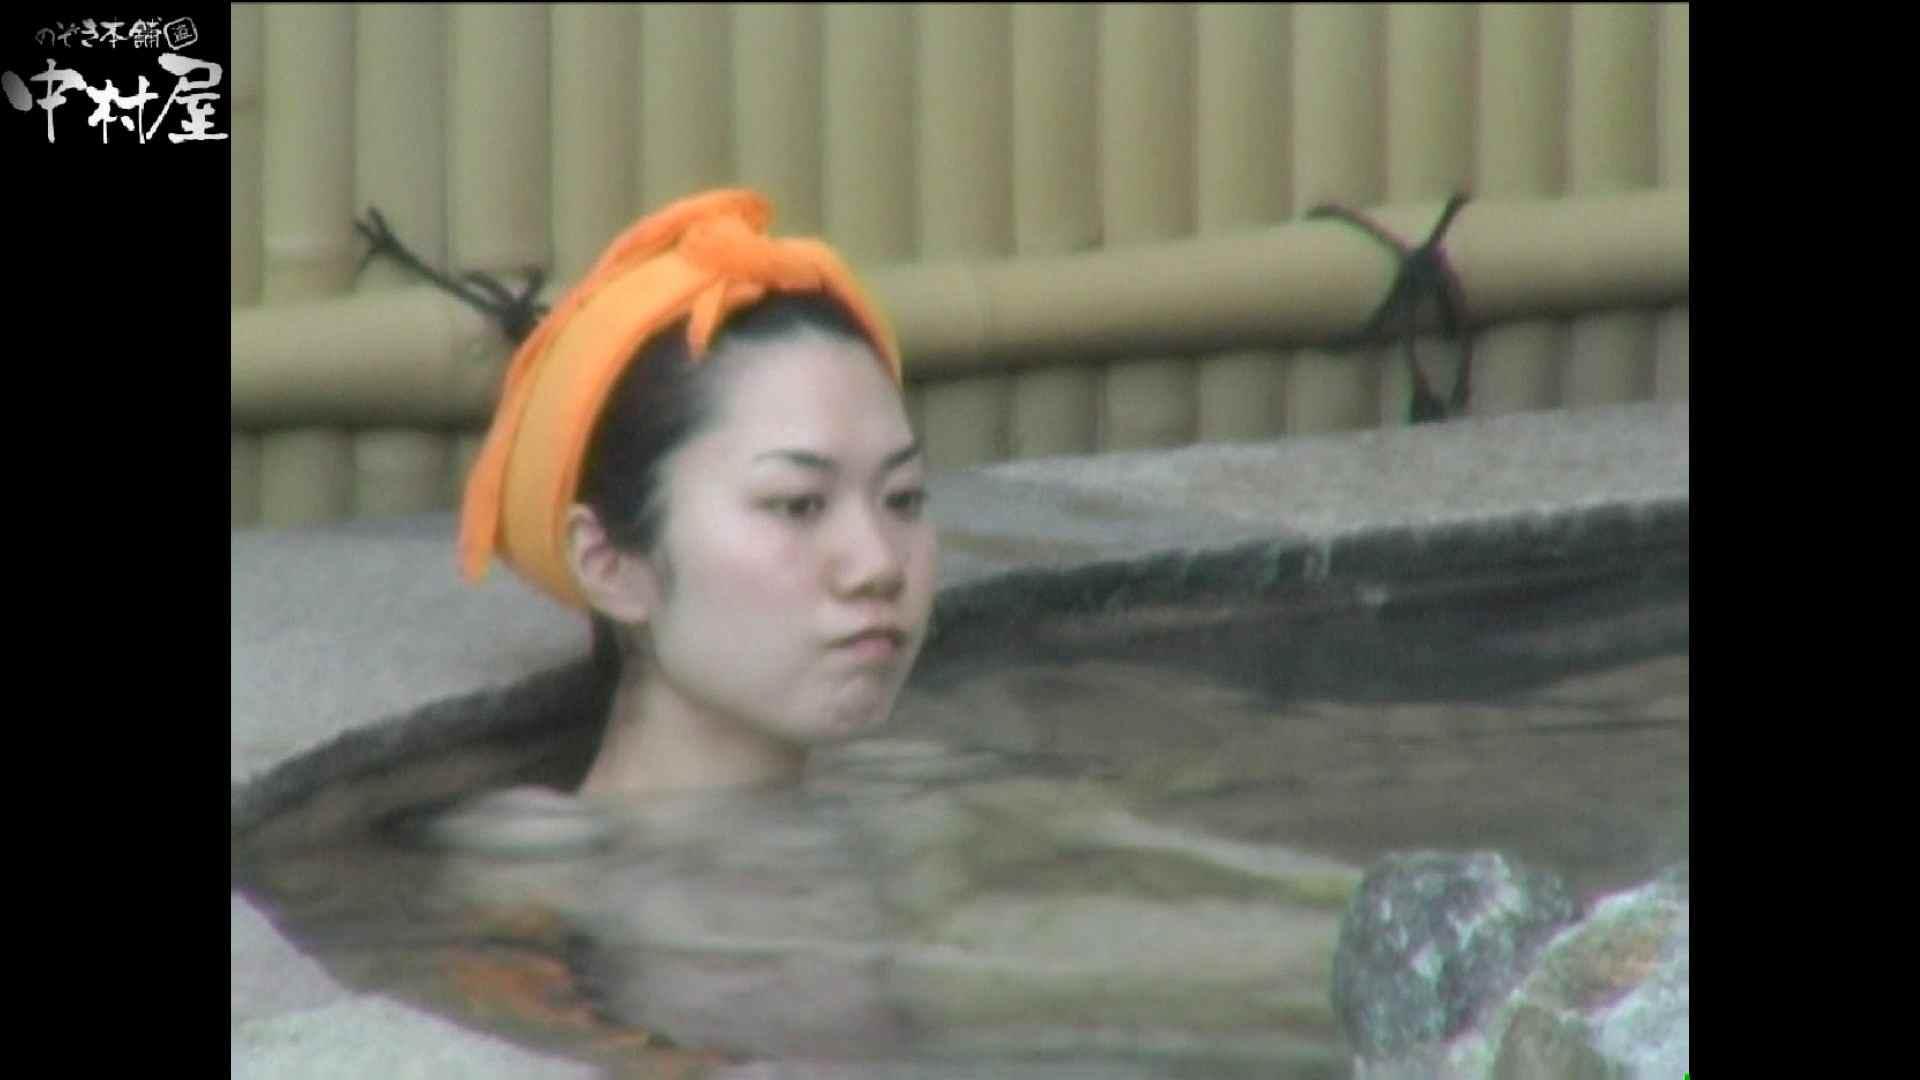 Aquaな露天風呂Vol.978 OLハメ撮り  57Pix 1